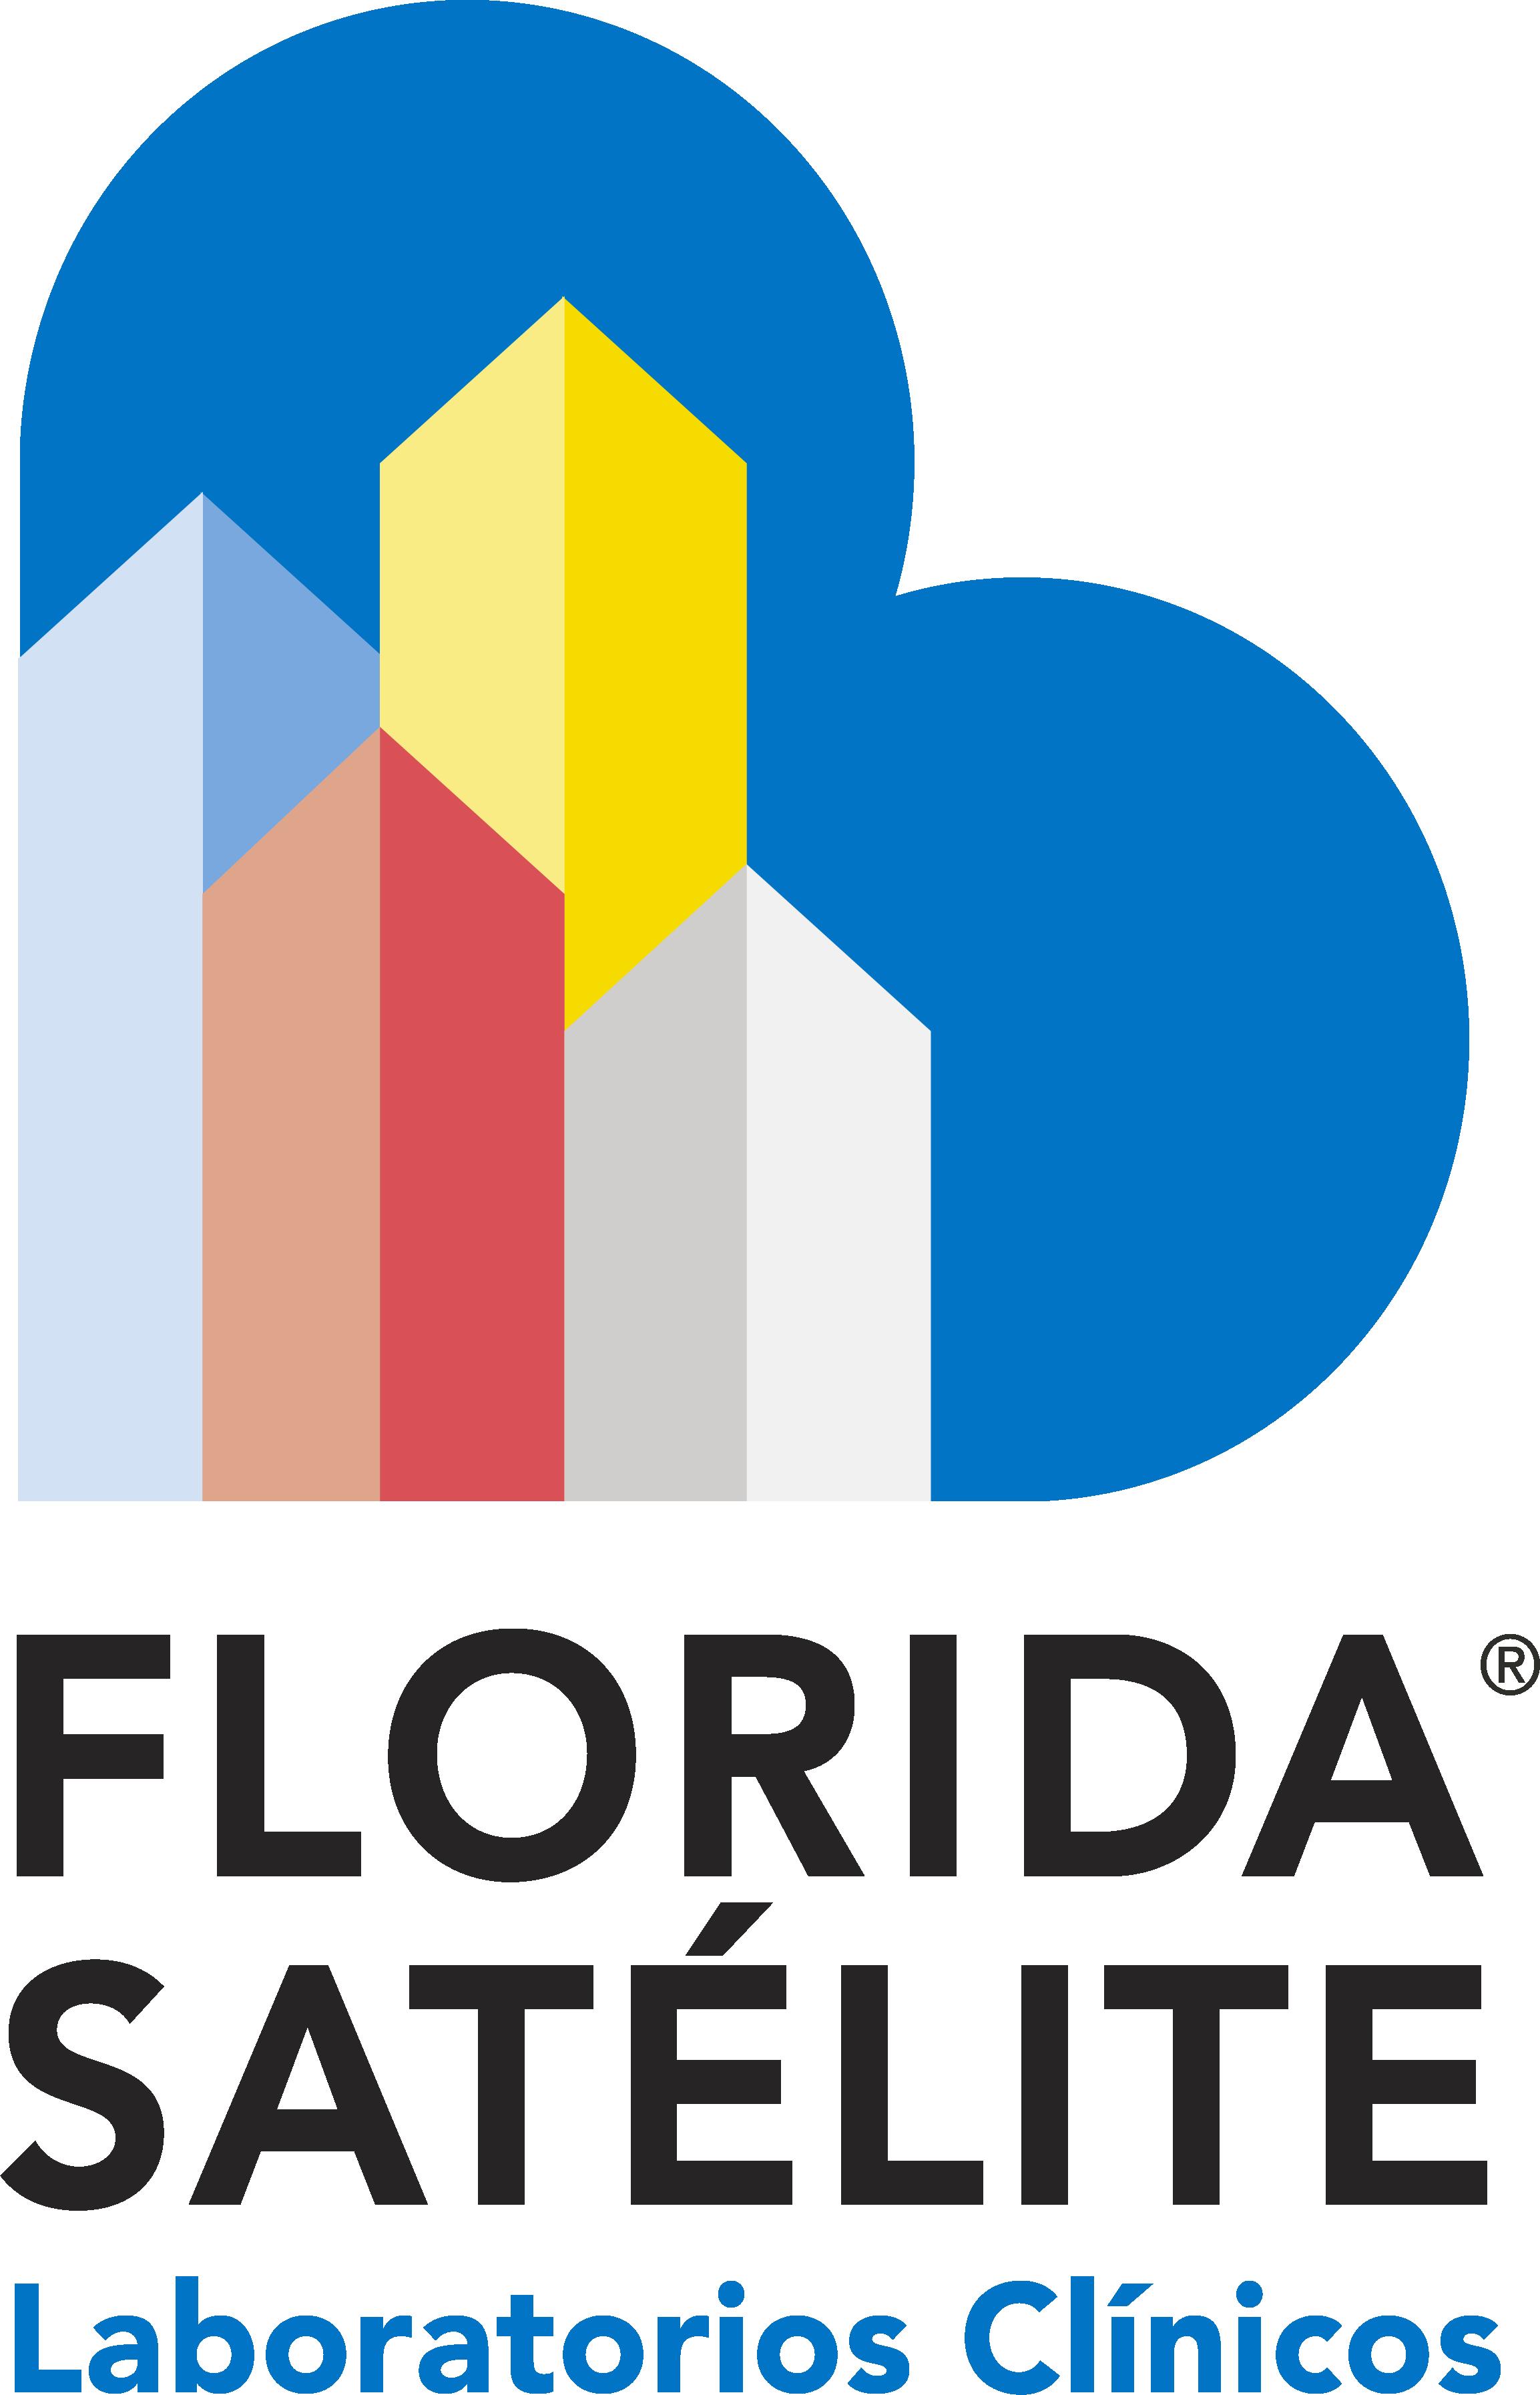 Laboratorio de Análisis Clínicos Florida Satélite SA de CV